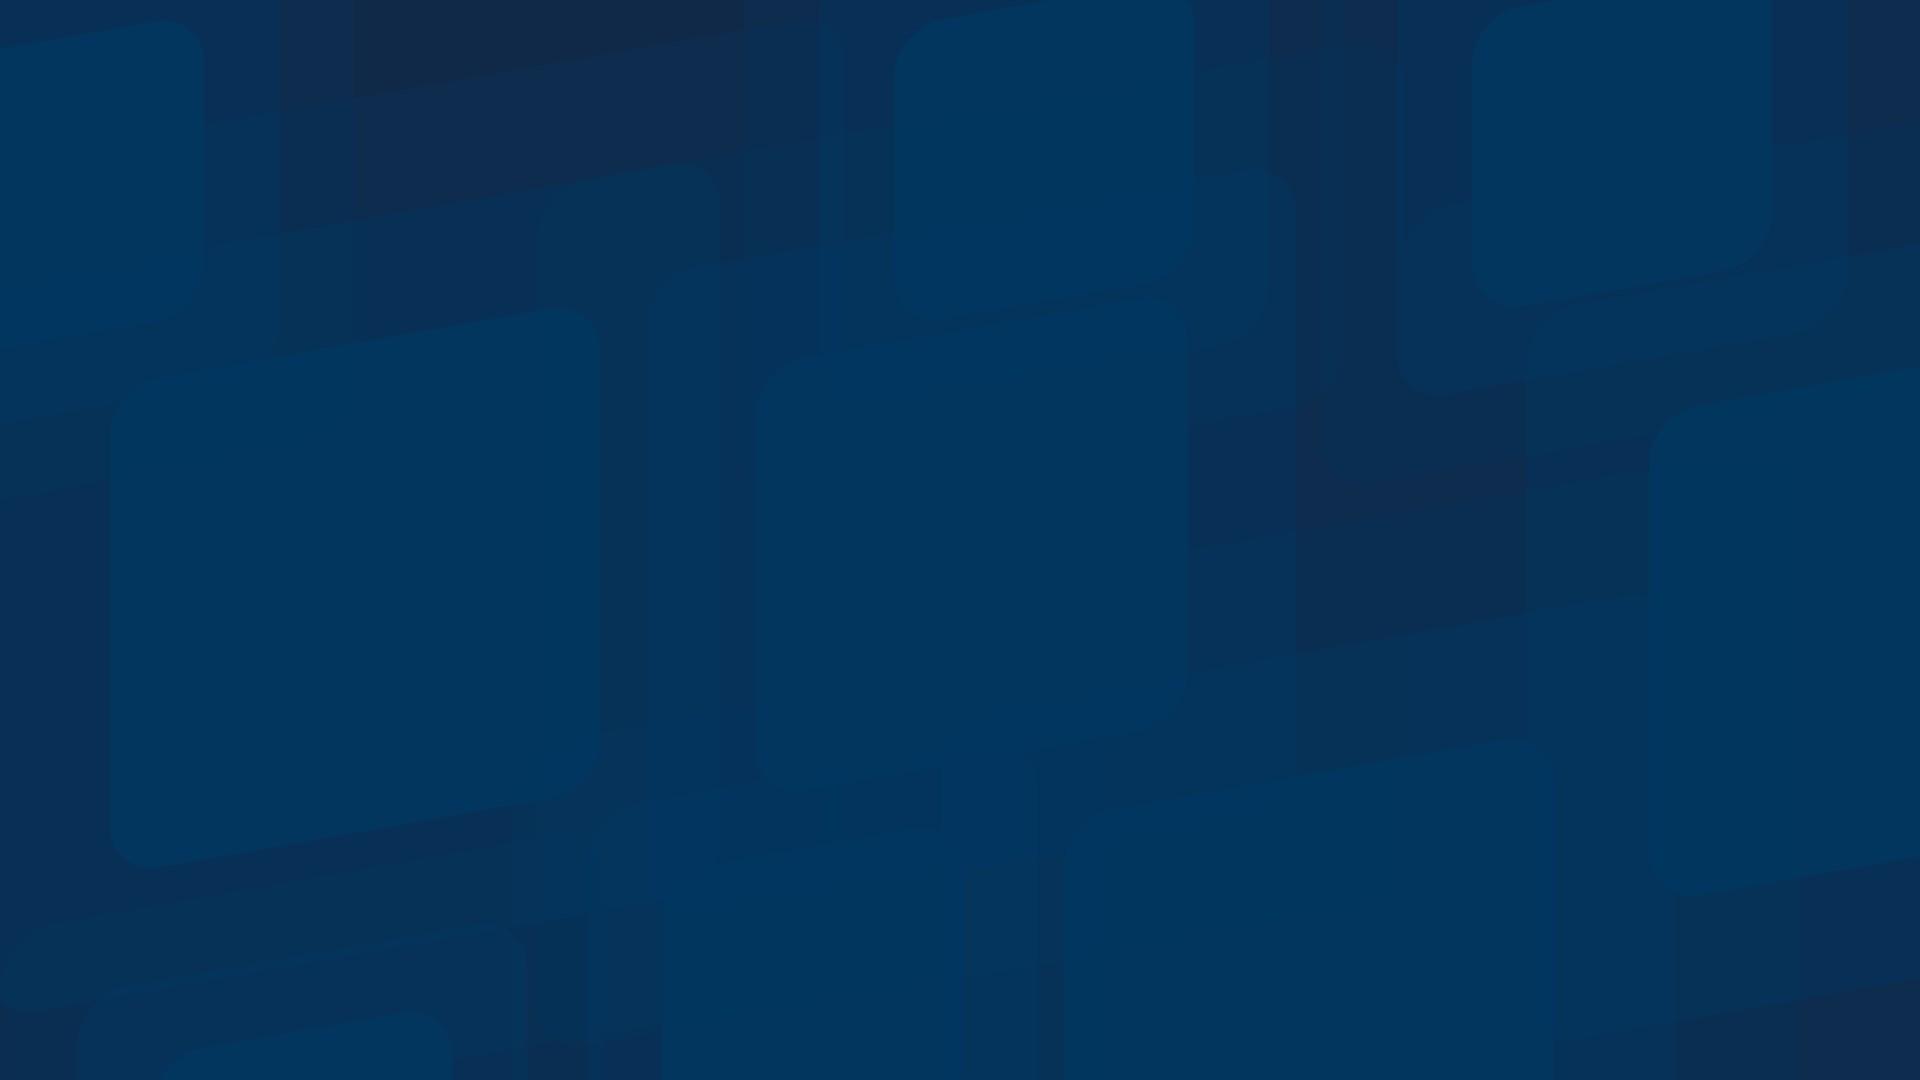 Papel De Parede 1920x1080 Px Playerunknowns: Papel De Parede : 1920x1080 Px, Abstrato, Fundo Azul